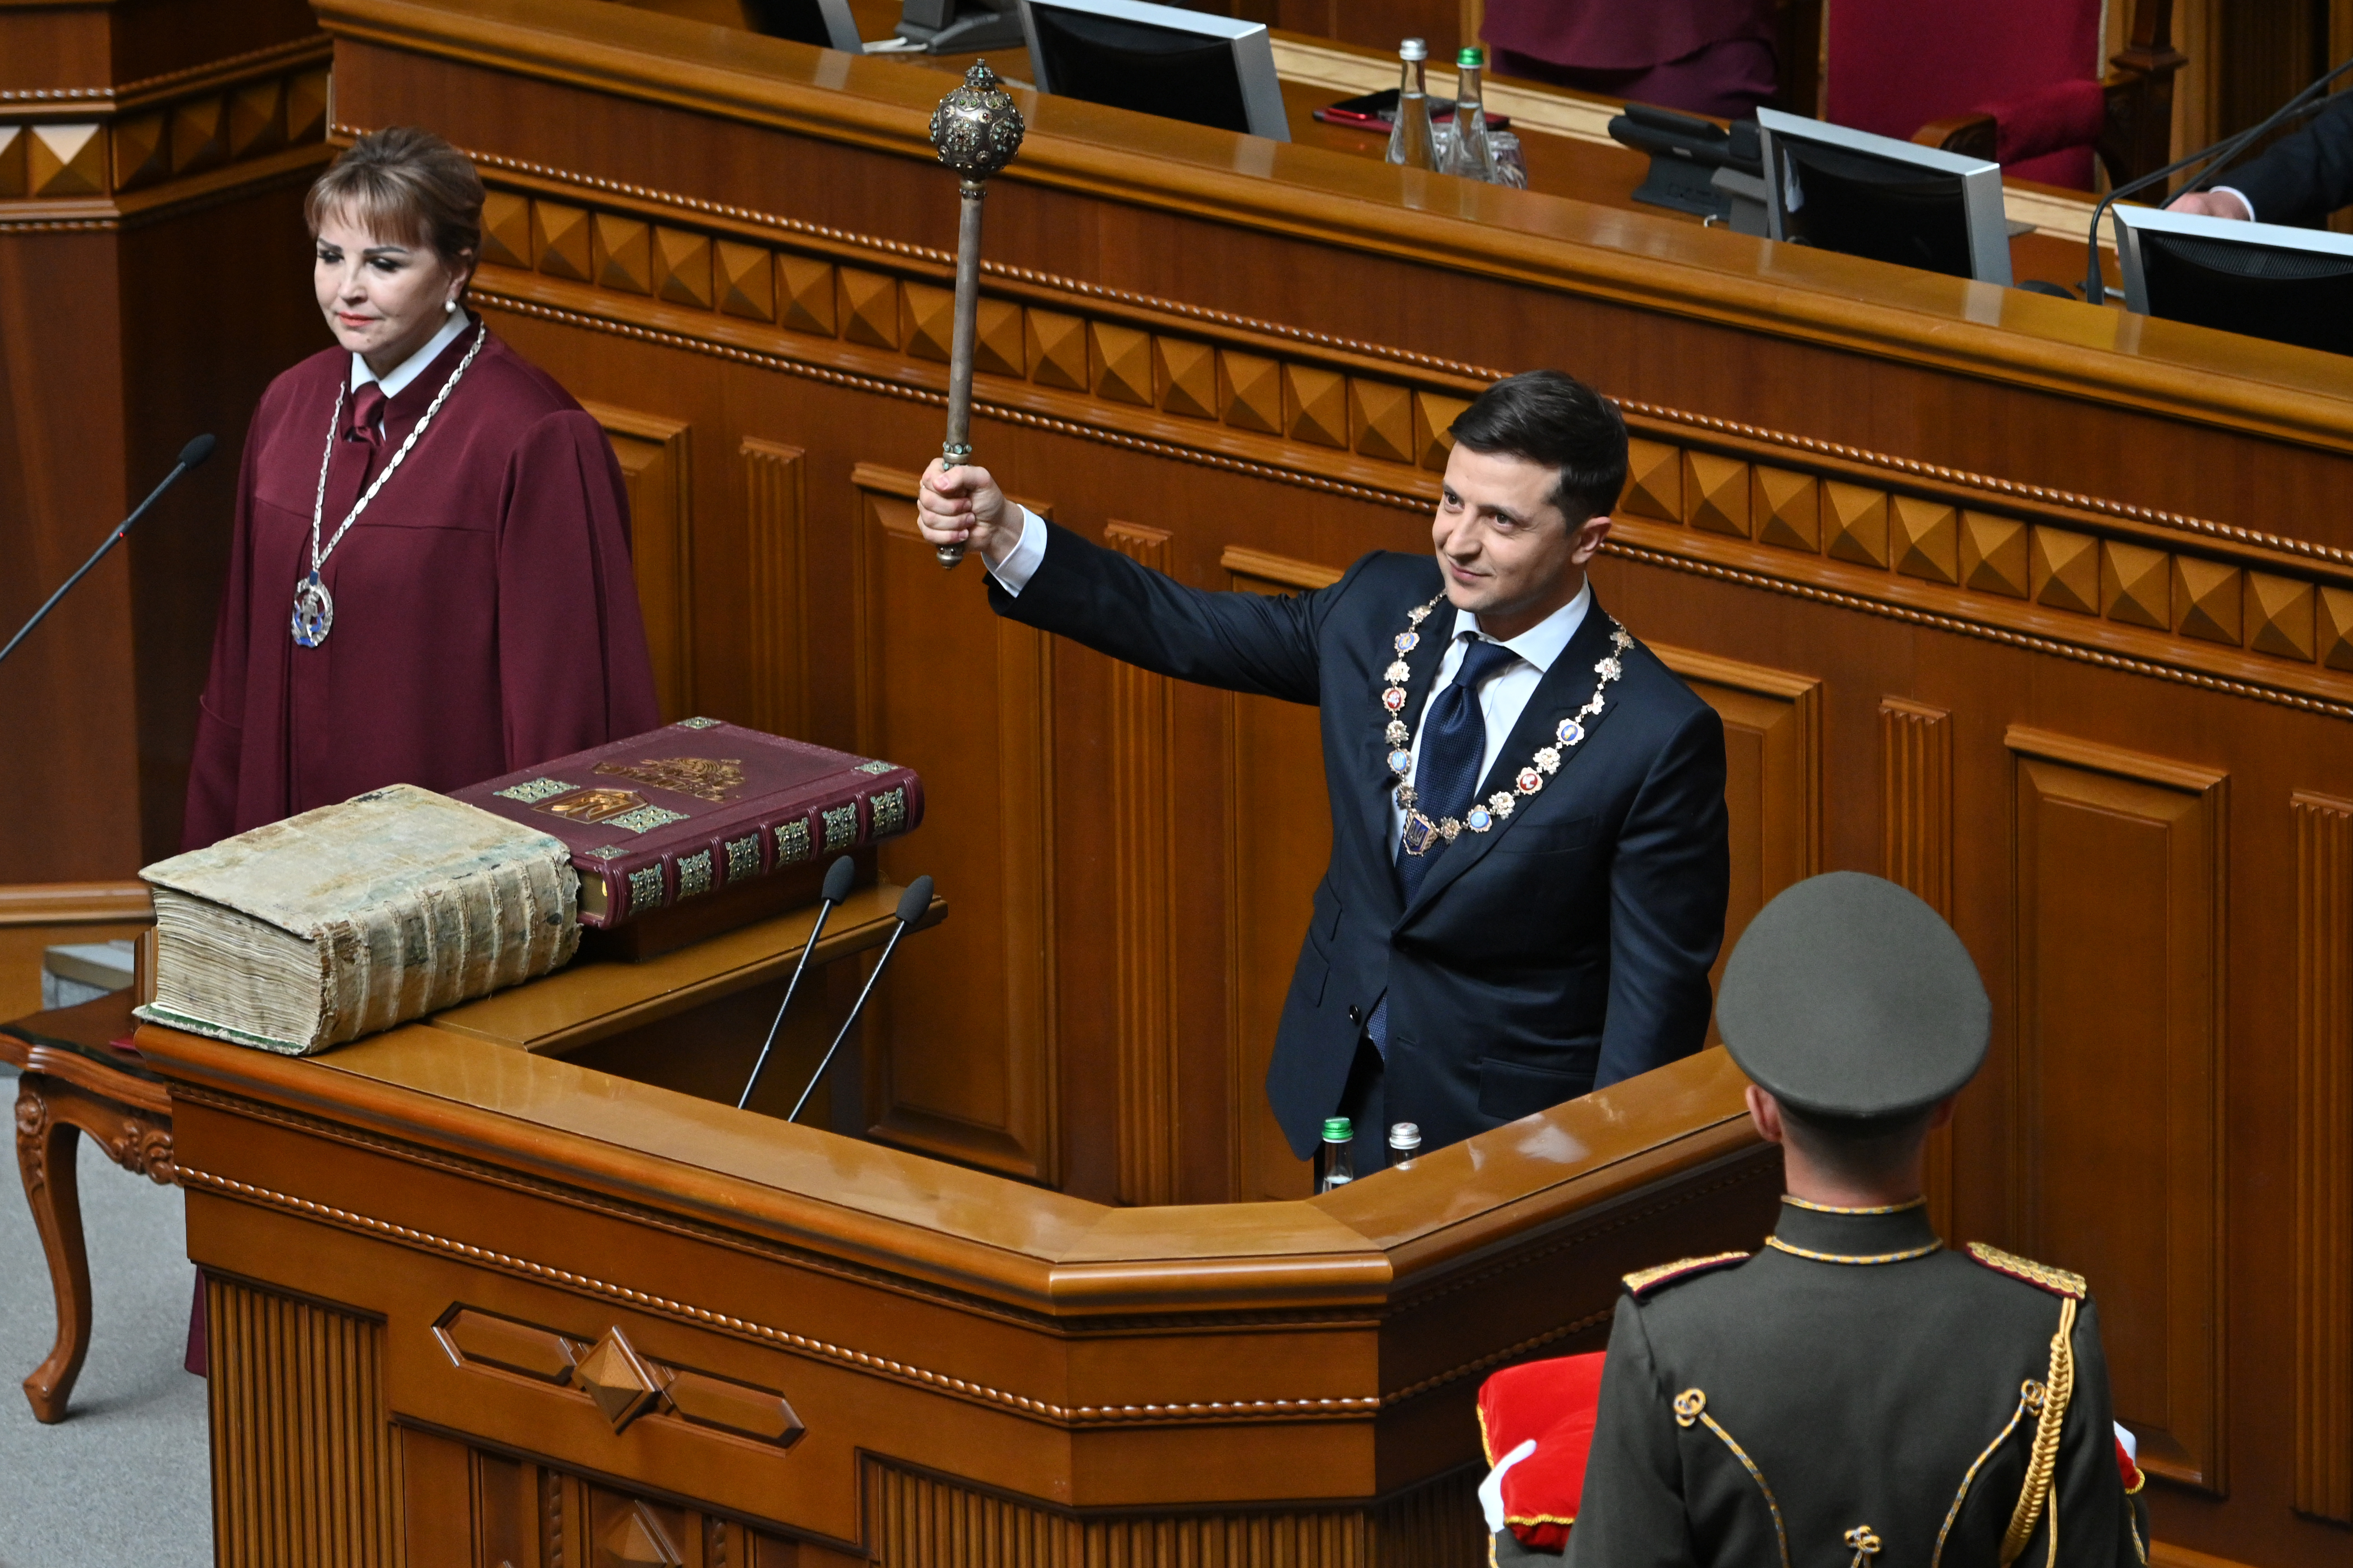 Alkotmánybírósághoz fordultak az ukrán képviselők a parlament feloszlatása miatt